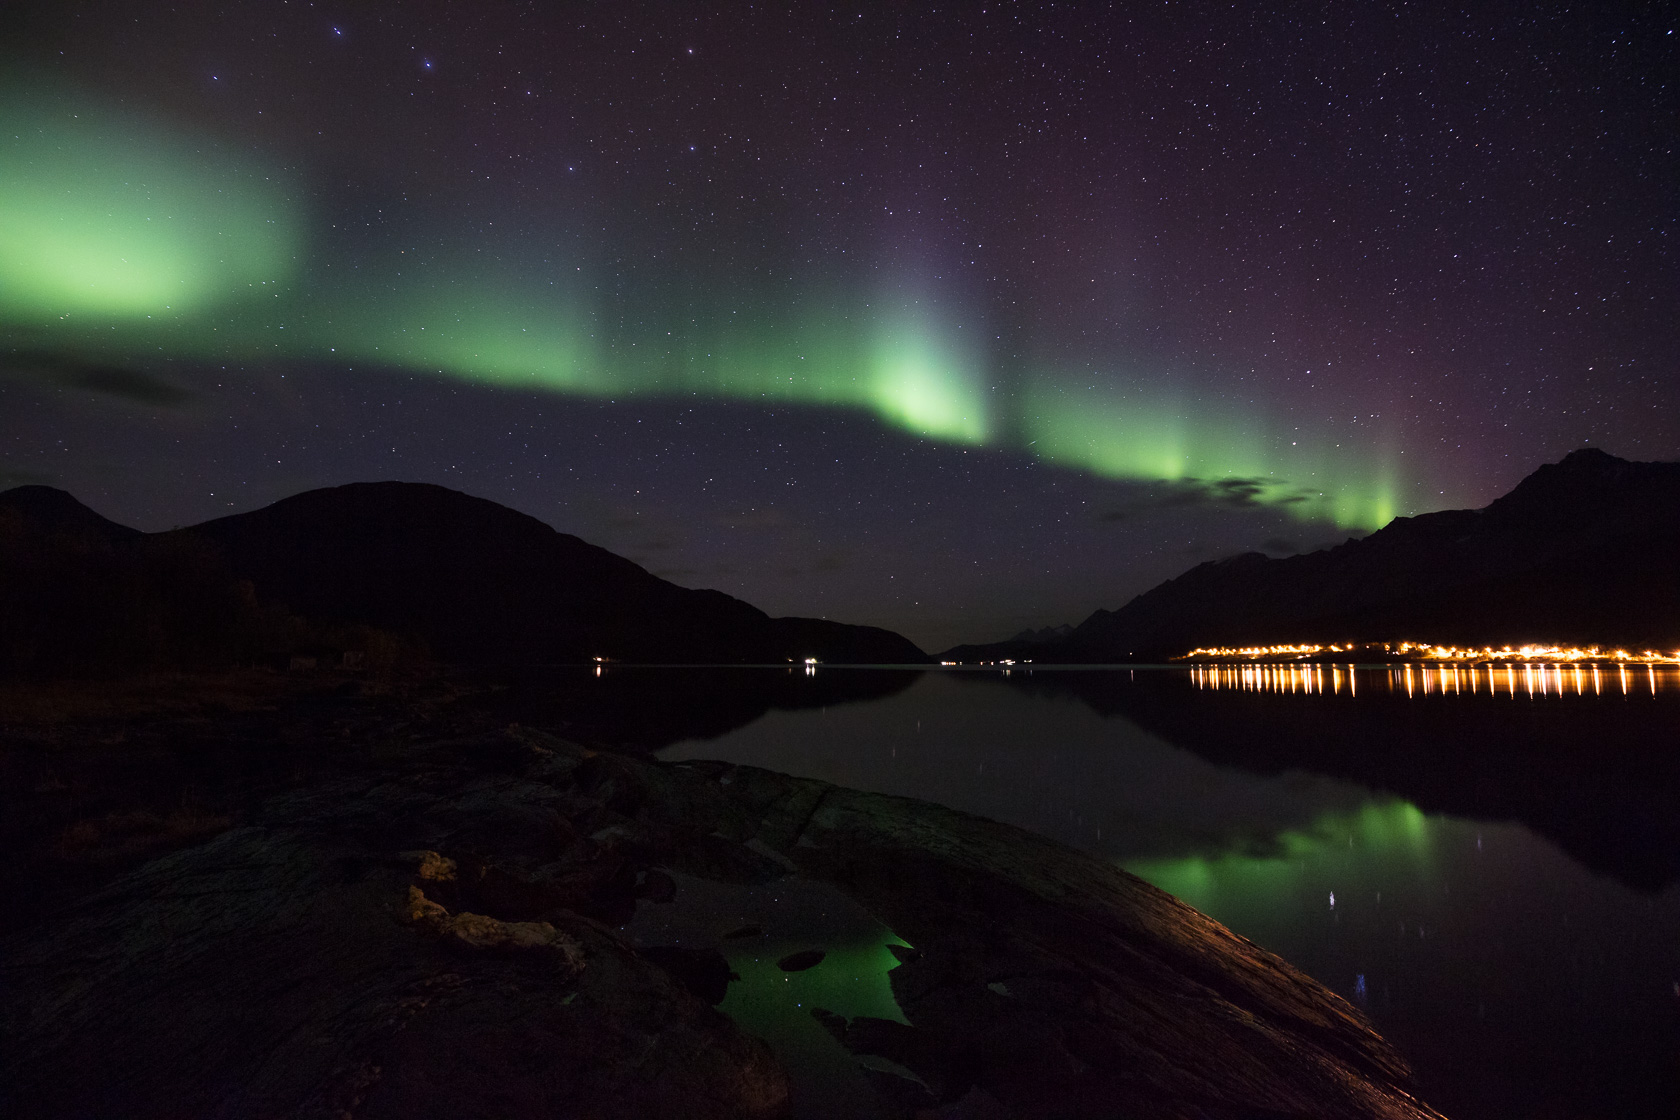 aurore boréale au-dessus du Sørfjorden, pendant un voyage photo dans les Alpes de Lyngen en Norvège